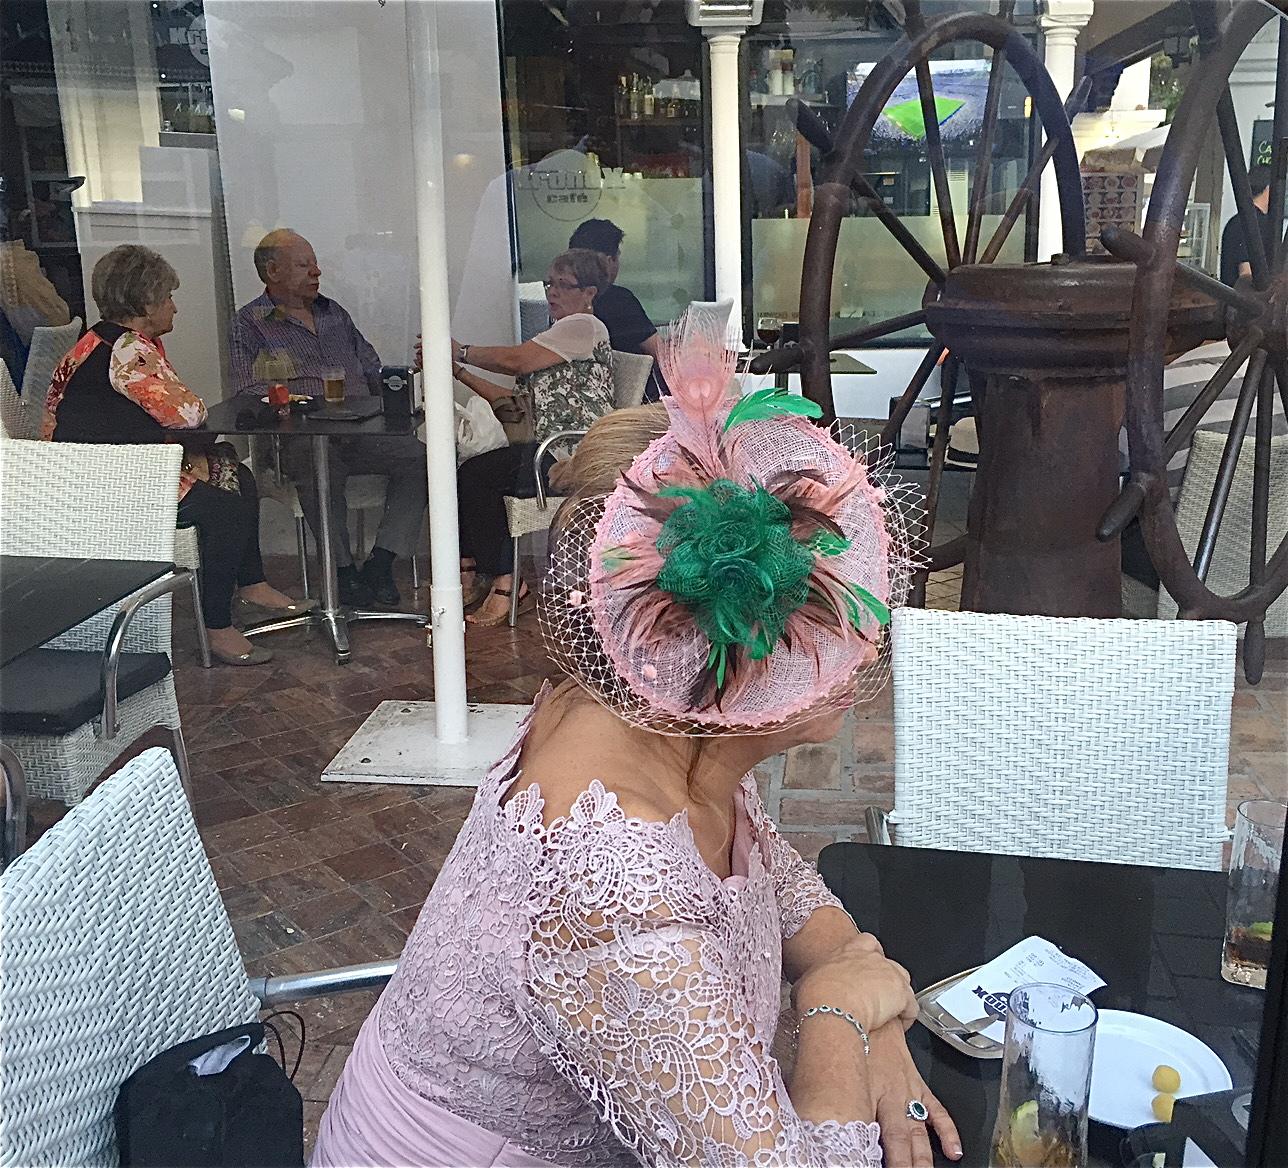 Mann for sin hatt, er eit gammalt uttrykk, som kan tolkast på fleire måtar. Ein av forklaringane er når ein mann gjer seg gjeldande på eit eller anna vis. Vi kan berre slå fast at uttrykket som oftast passar minst like godt på mange damer, noko dette biletet frå Nerja i Spania er eit døme på det.